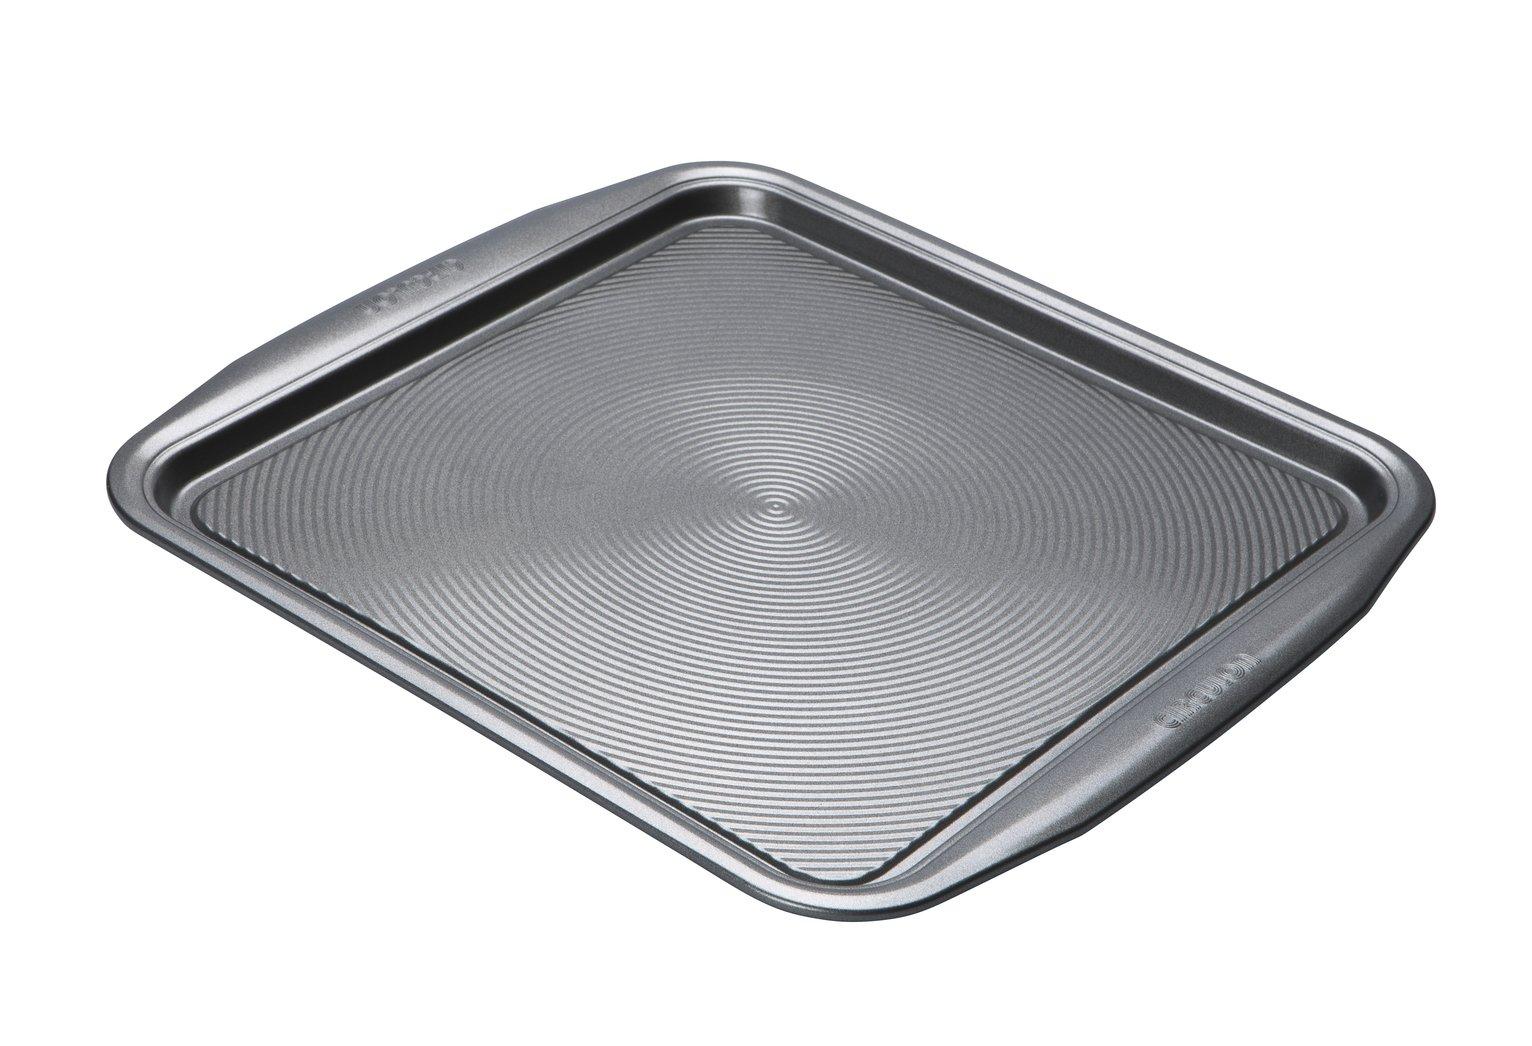 Circulon Momentum Square Non Stick Baking Tray